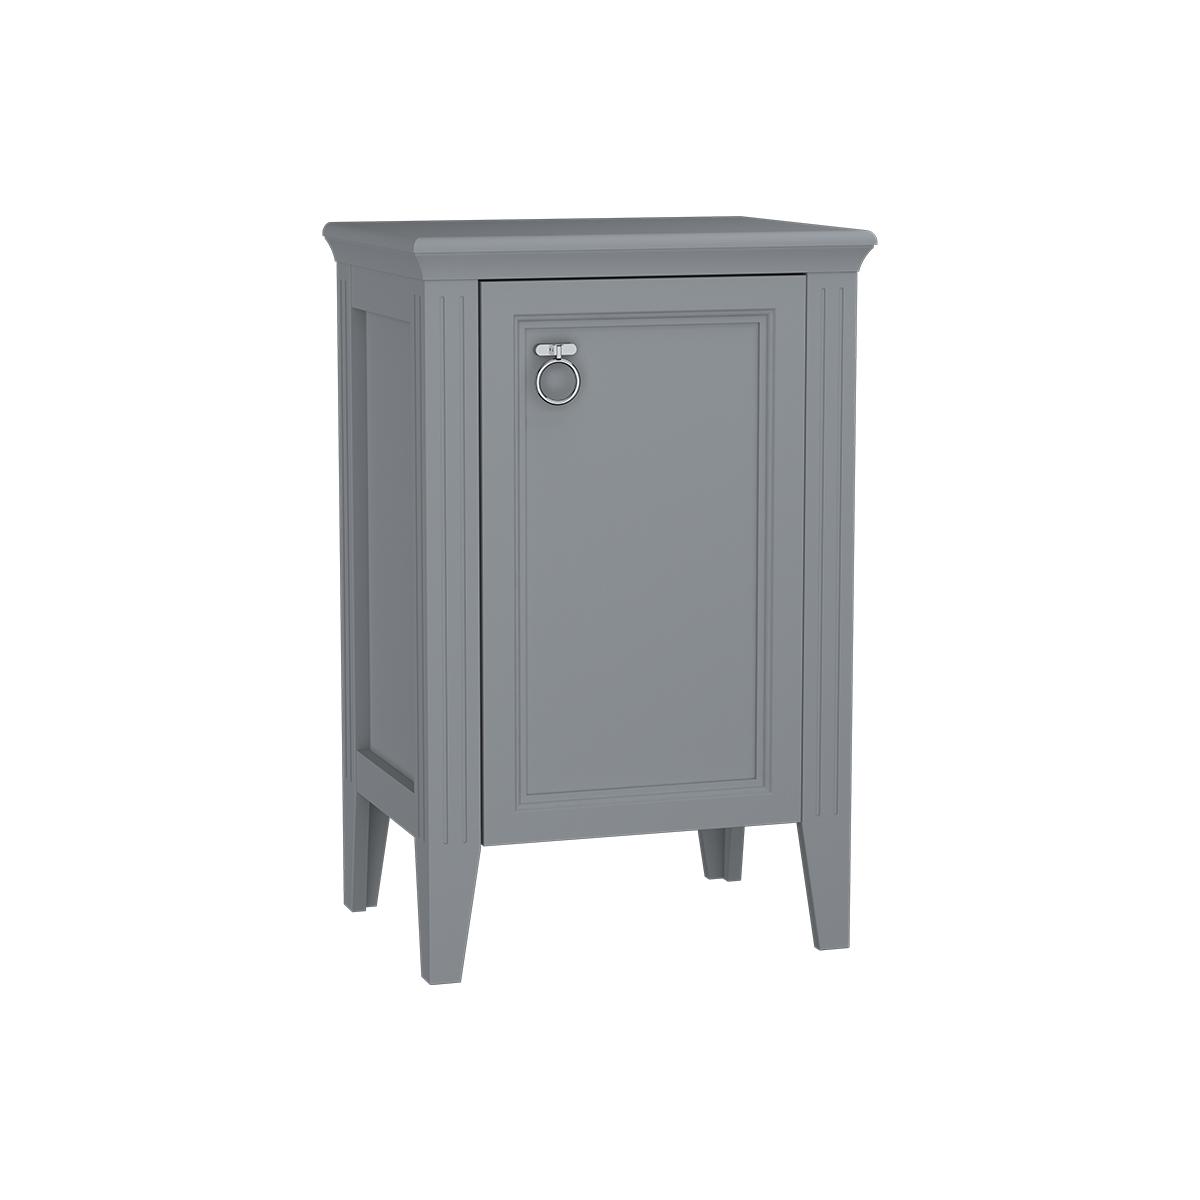 Valarte armoire mi-haute, 55 cm, porte à droite, gris mat